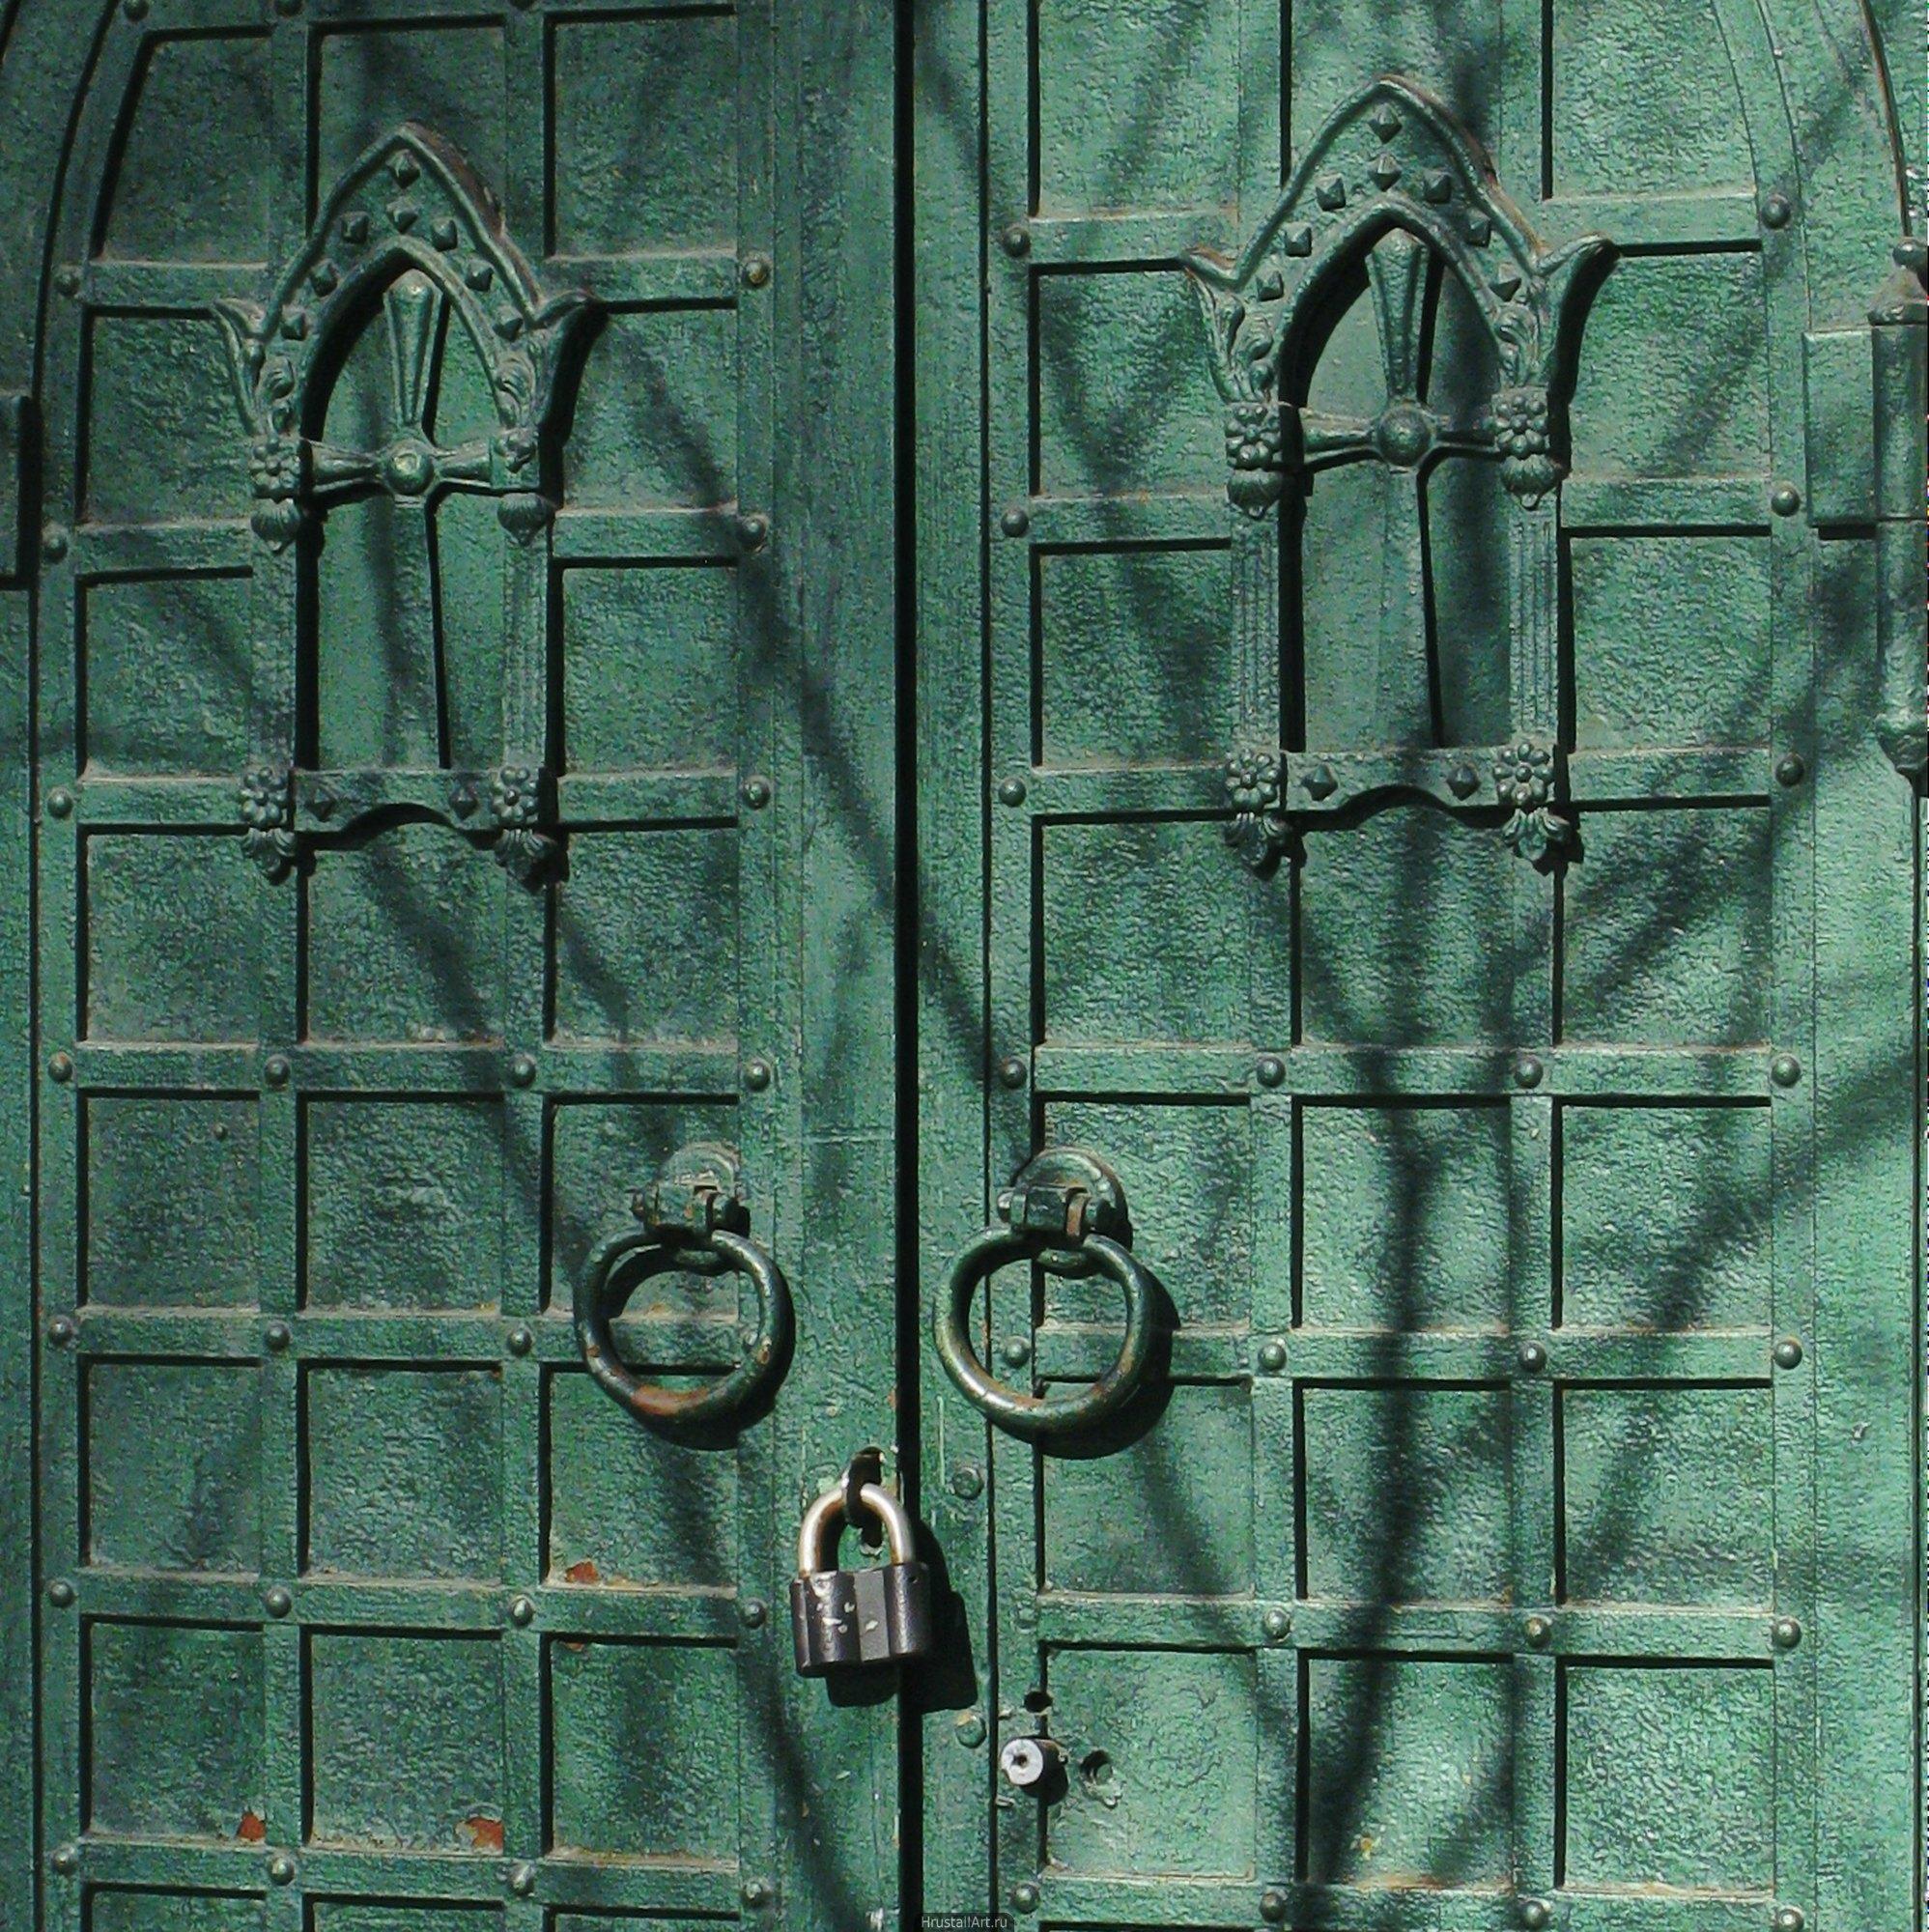 Часовня 19-го века, Красивые двери, зелёная краска под старую бронзу.